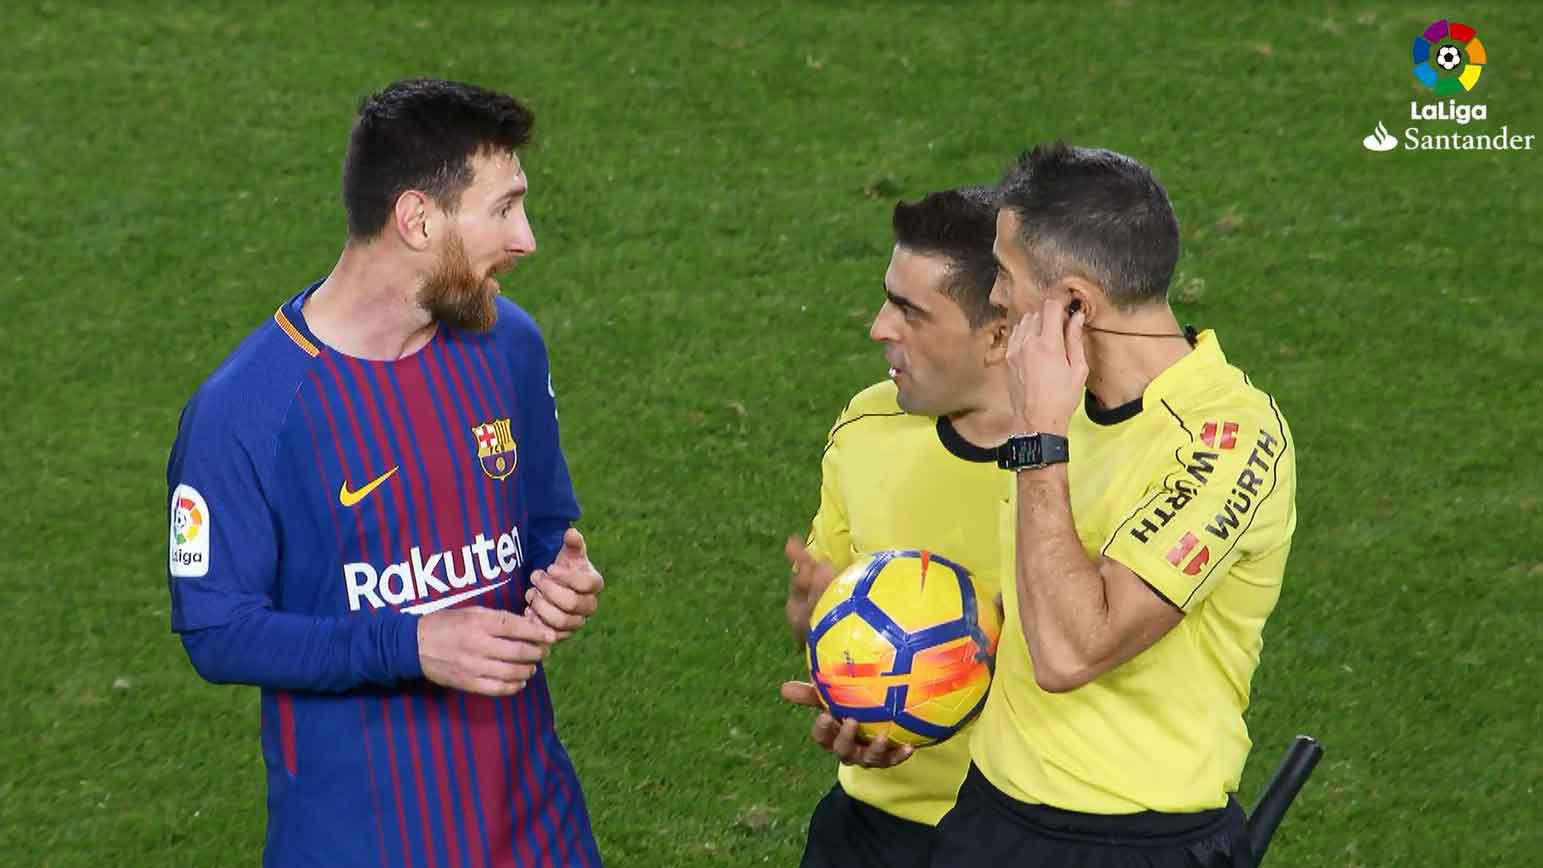 LALIGA | Valencia - FC Barcelona (1-1): Messi reclamó a los árbitros por su gol no concedido